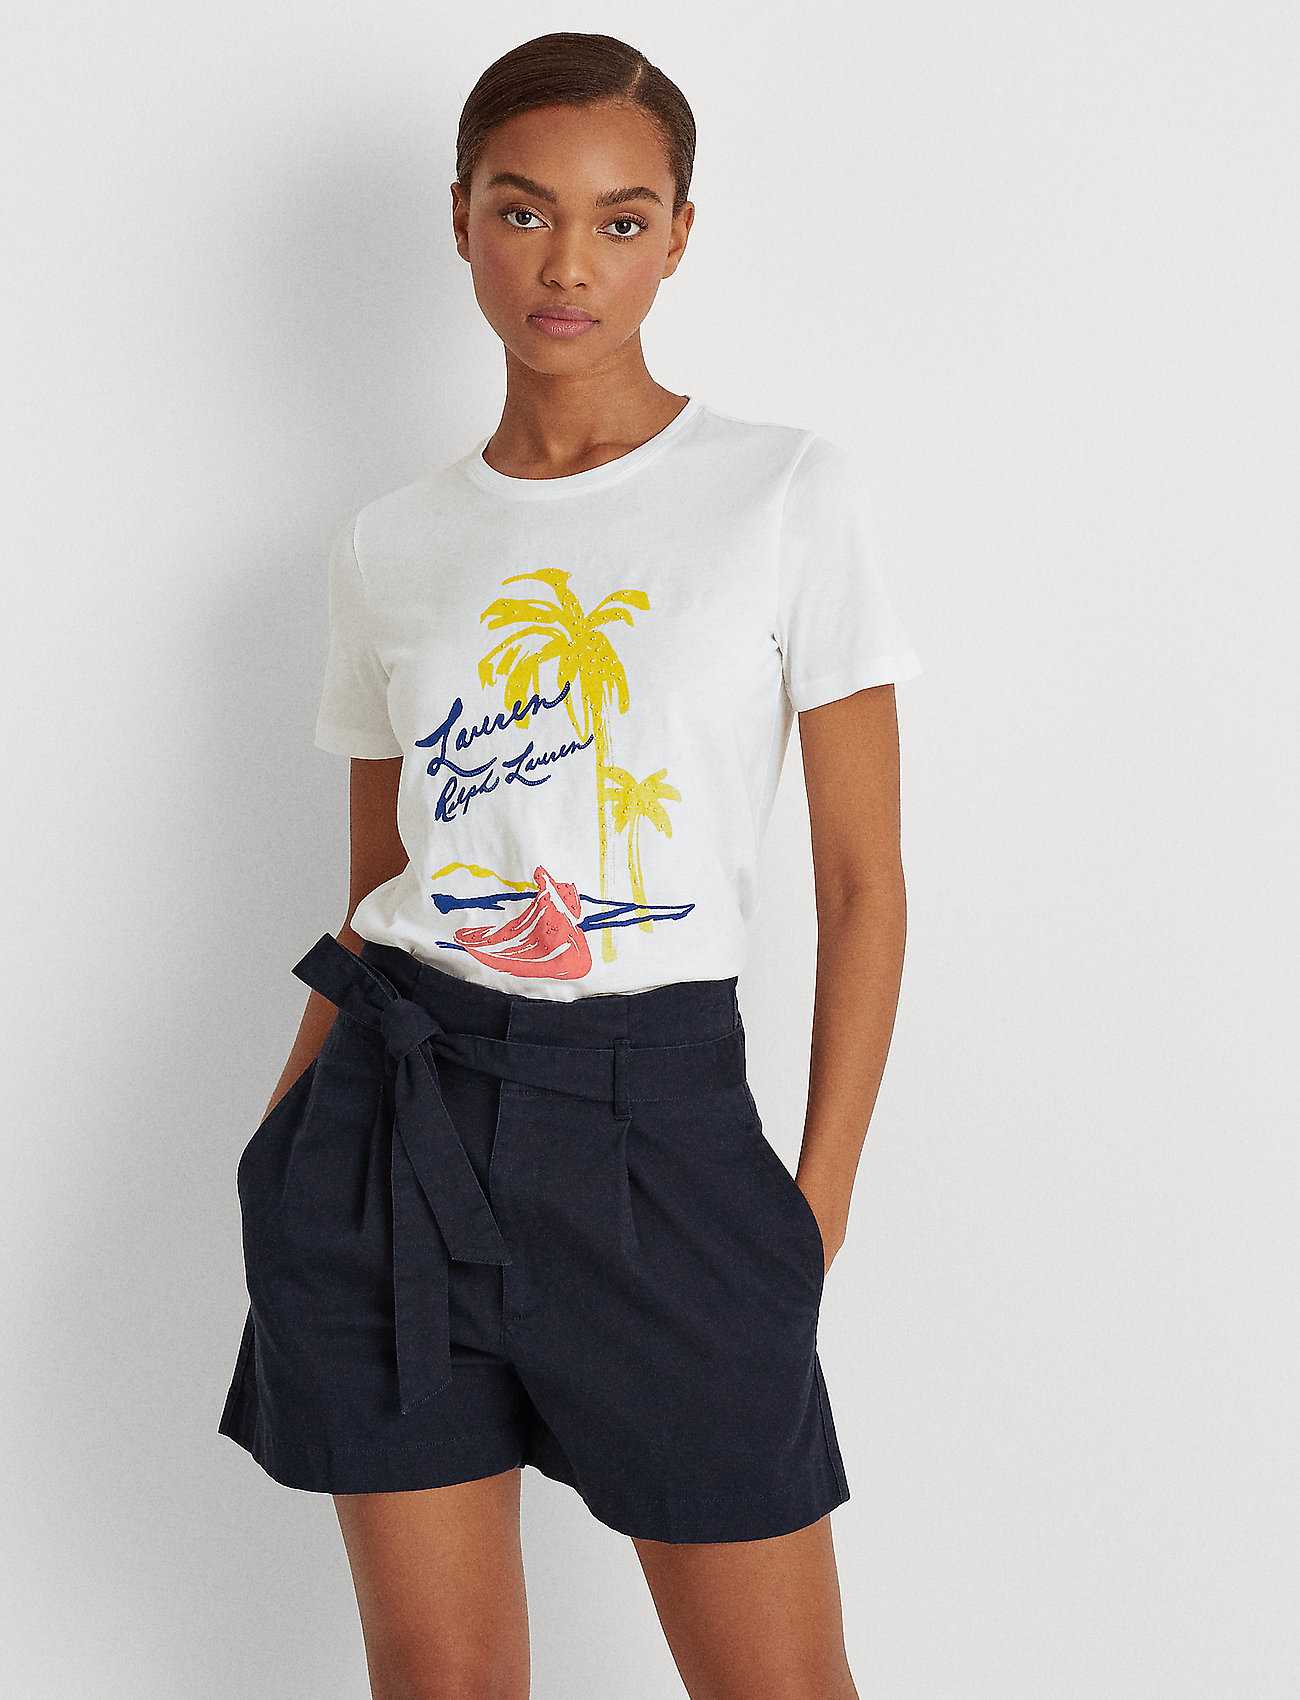 Lauren Ralph Lauren - Print Cotton-Blend Tee - t-shirts - white - 0